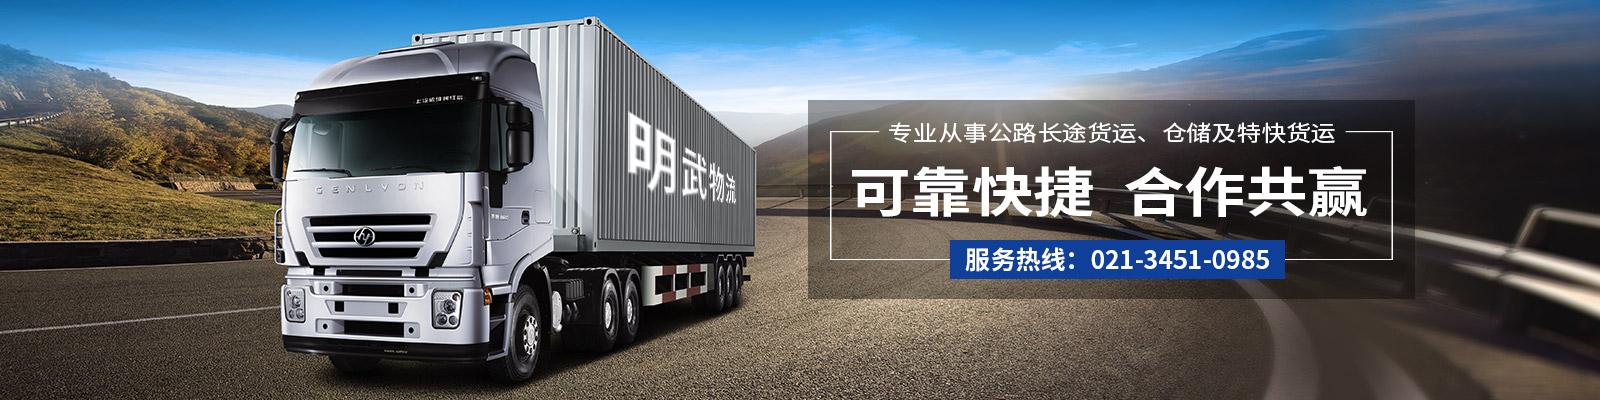 上海明武物流有限公司